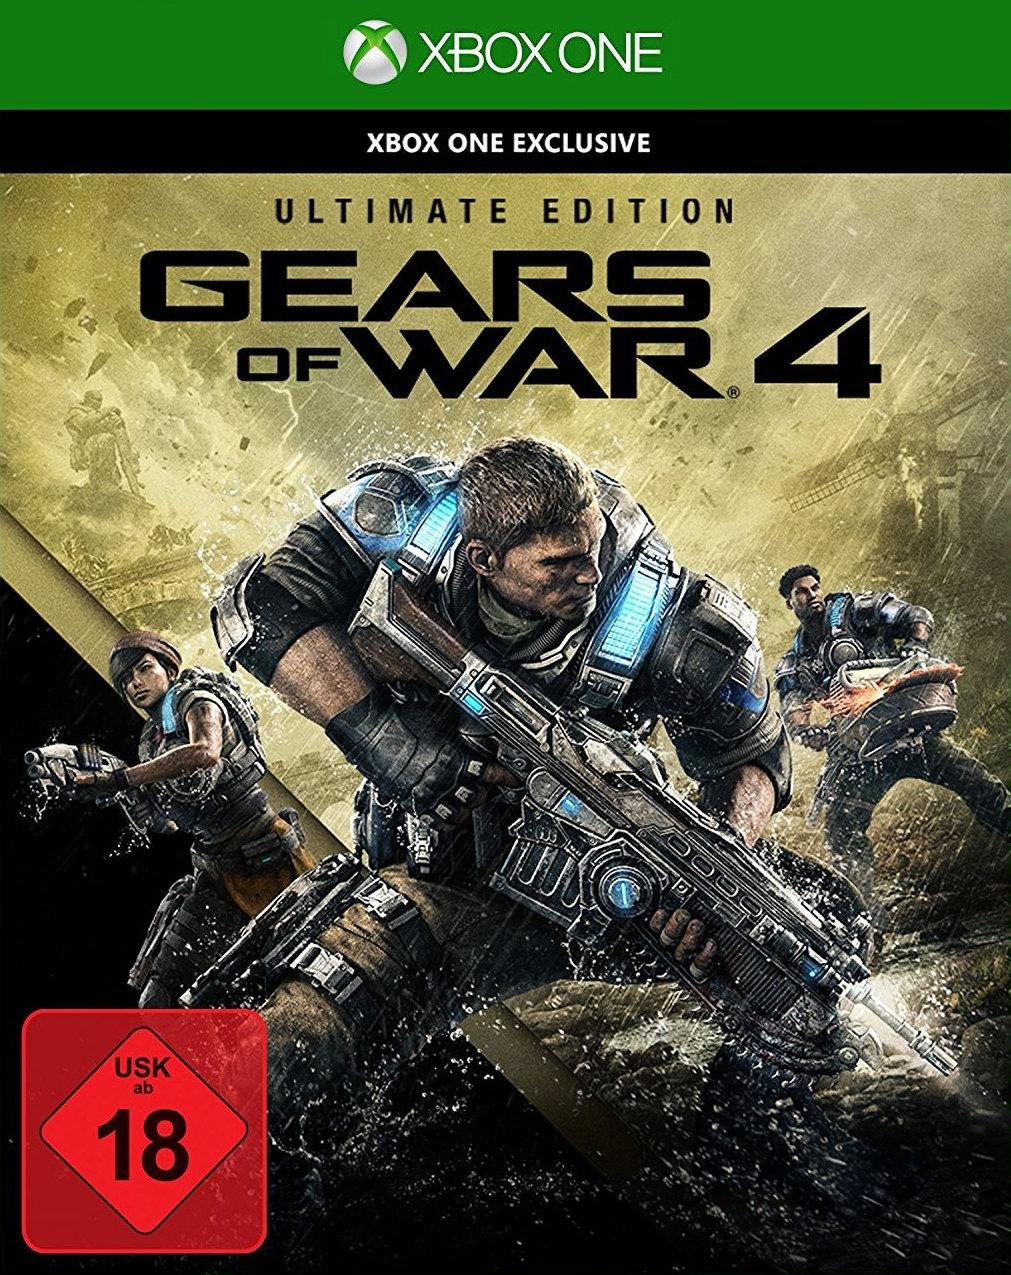 [Mediamarkt] Einige Xbox Spiele reduziert. Zb. Gears of War 4 Ultimate Edition für 25,-€ oder Sunset Overdrive für 5,-€ und weitere..Update..Wieder Verfügbar